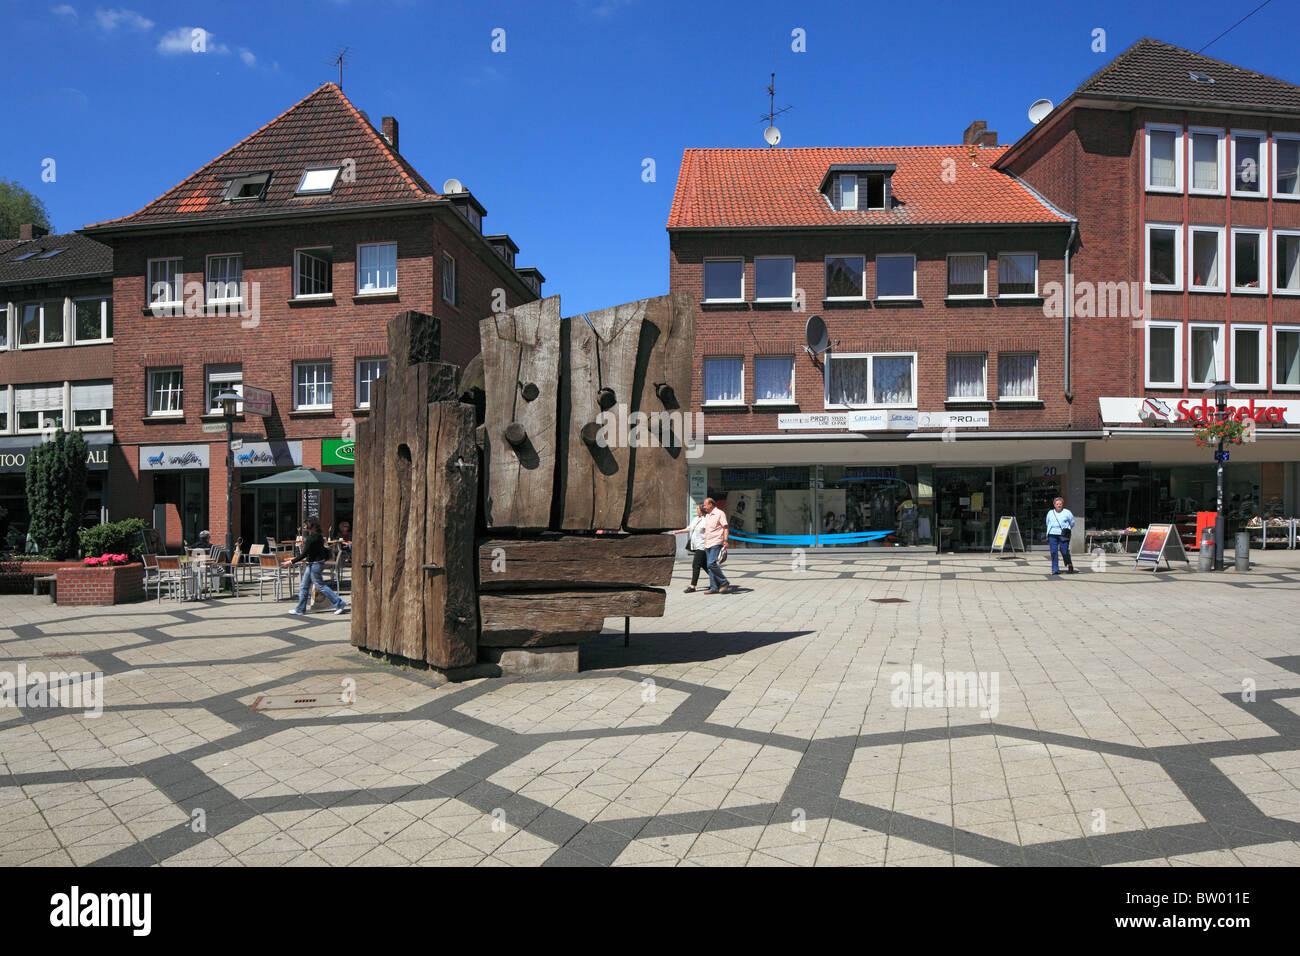 Fussgaengerzone Brueckstrasse und Leyensplatz mit einer Skulptur von Victoria Bell, Wesel, Niederrhein, Nordrhein-Westfalen Stock Photo